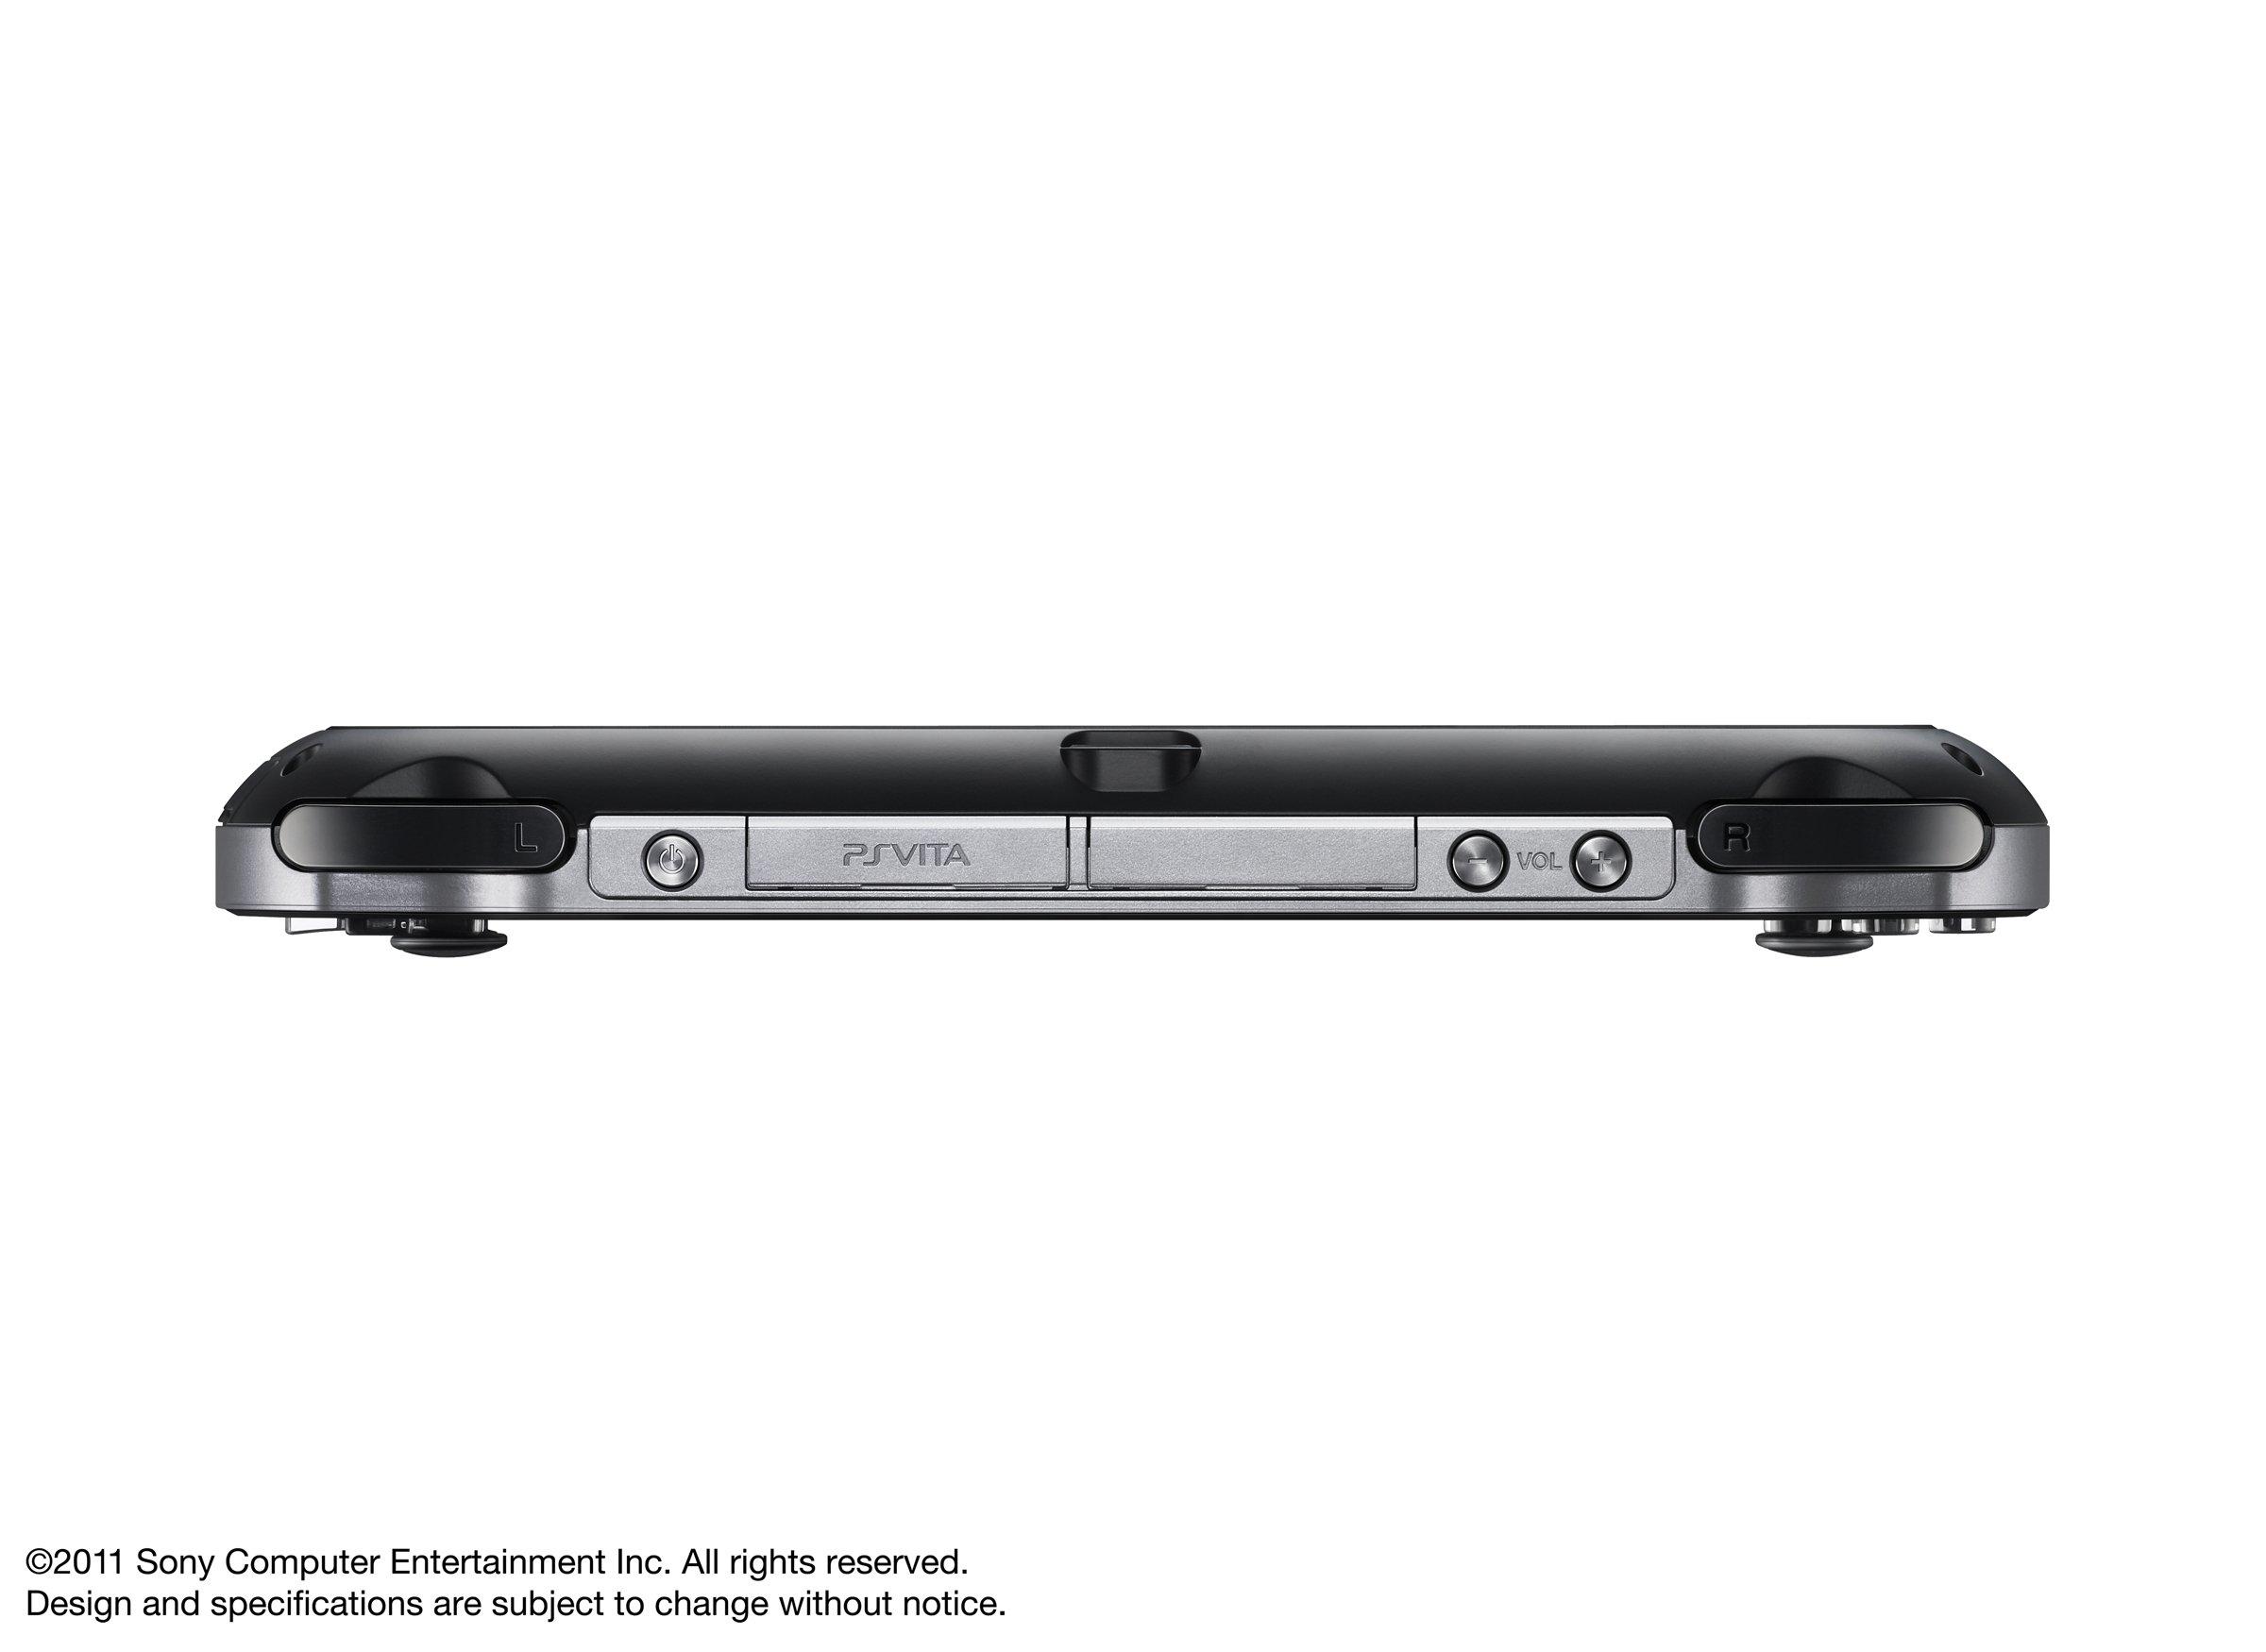 PlayStation Vita 3G/Wi-Fi Model Crystal Black Limited edition (PCH-1100AB01) by Sony (Image #7)